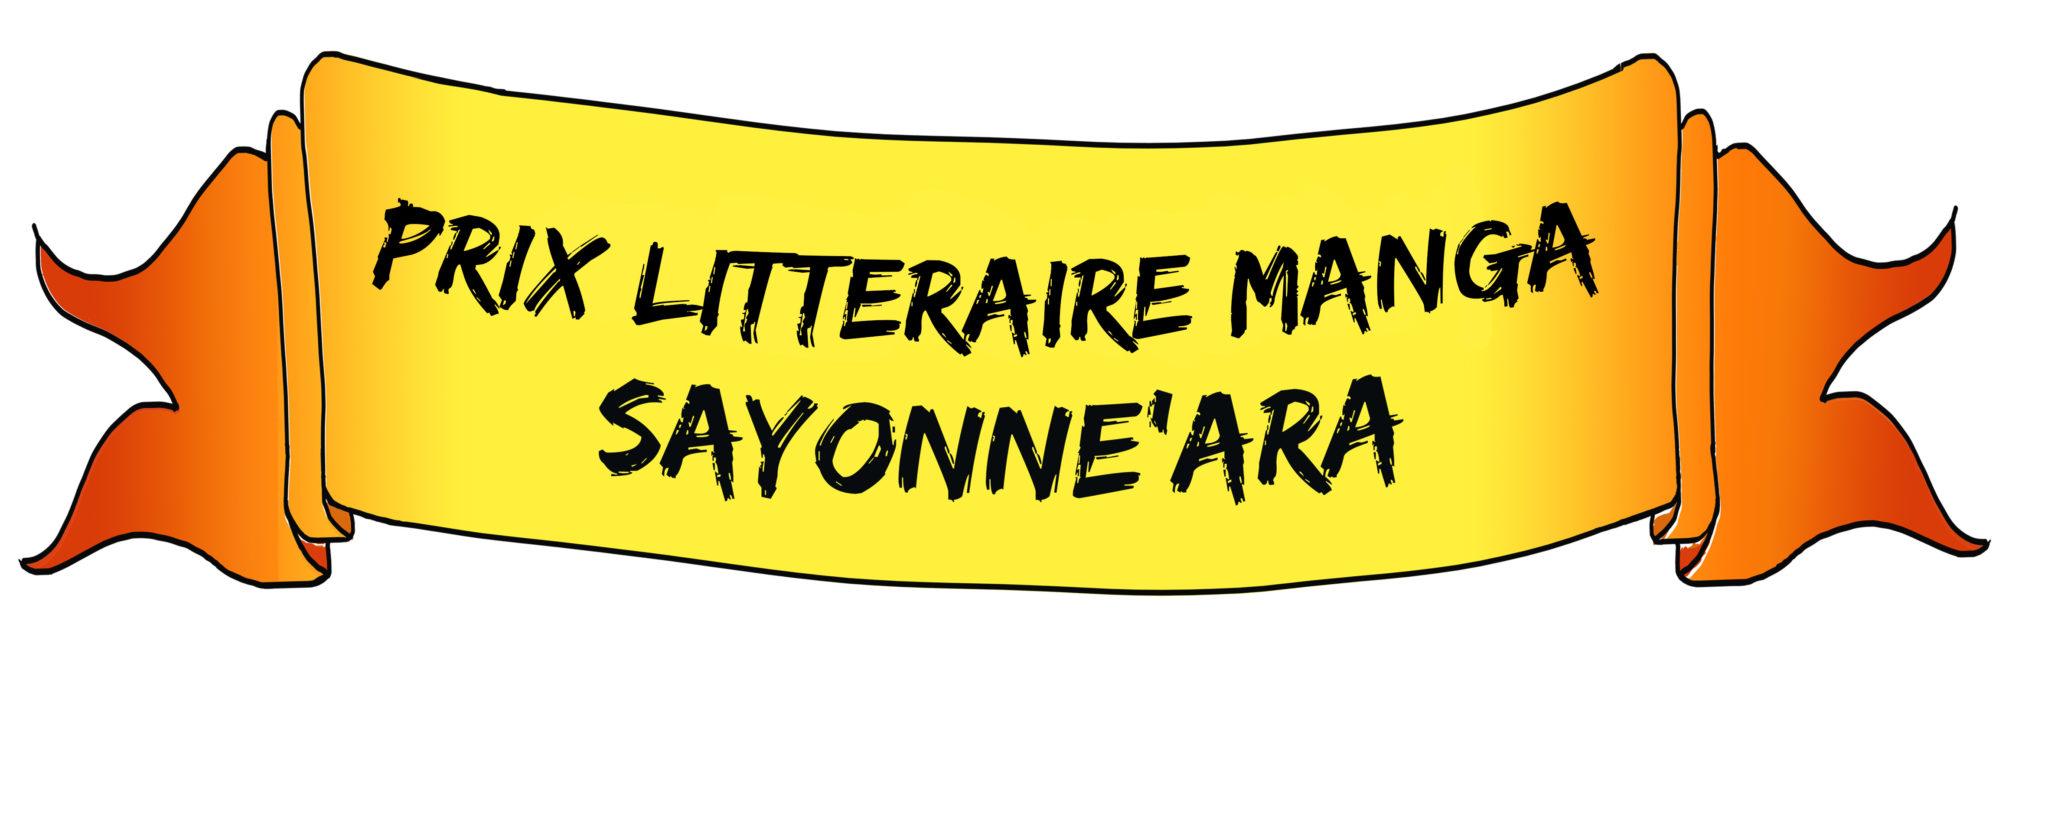 Sayonne'ara